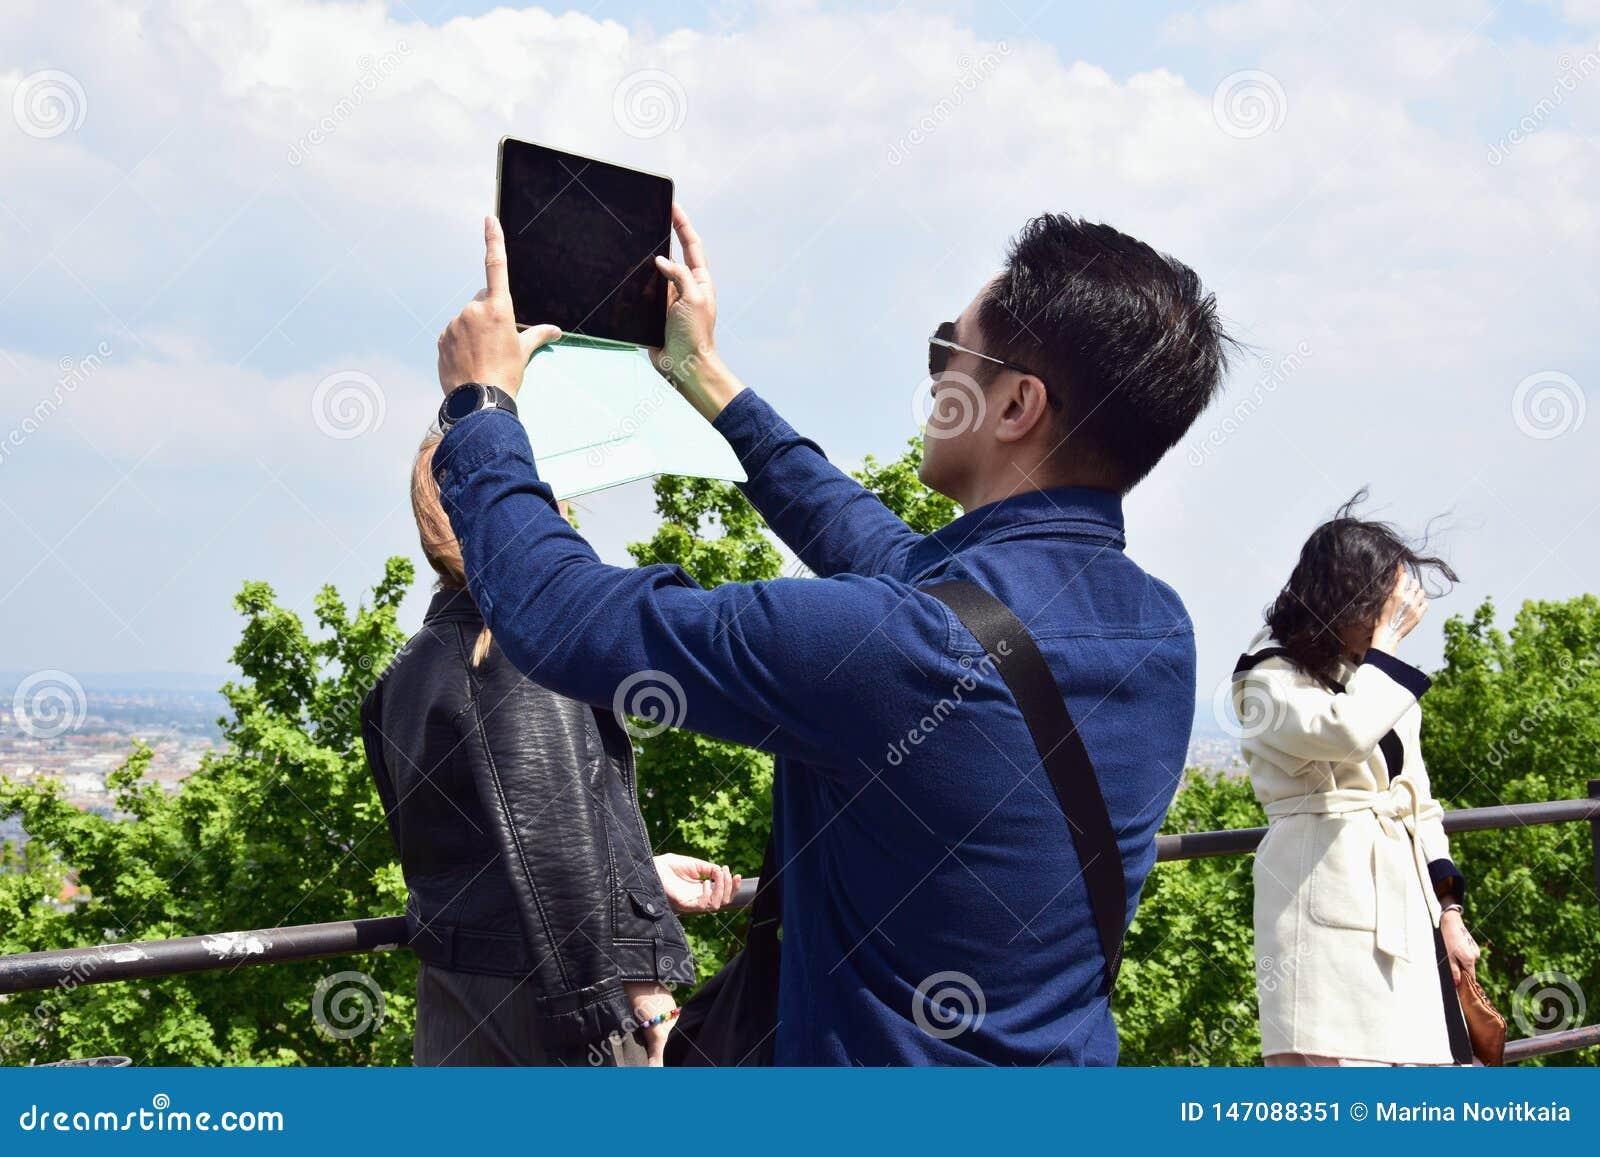 Młody człowiek bierze obrazek z pastylką malowniczy widok miasto